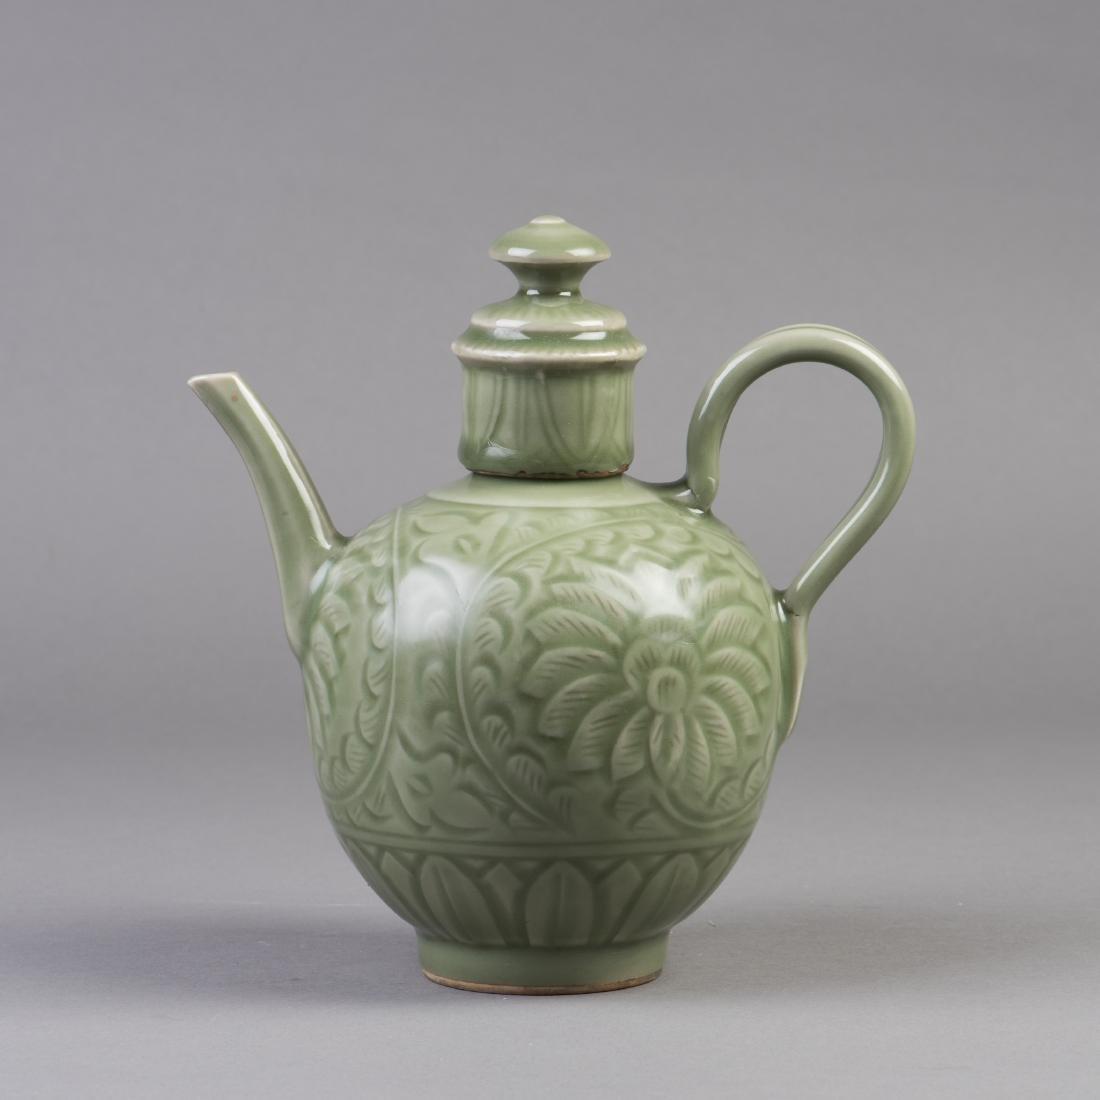 A CHINESE PORCELAIN CELADON TEA POT